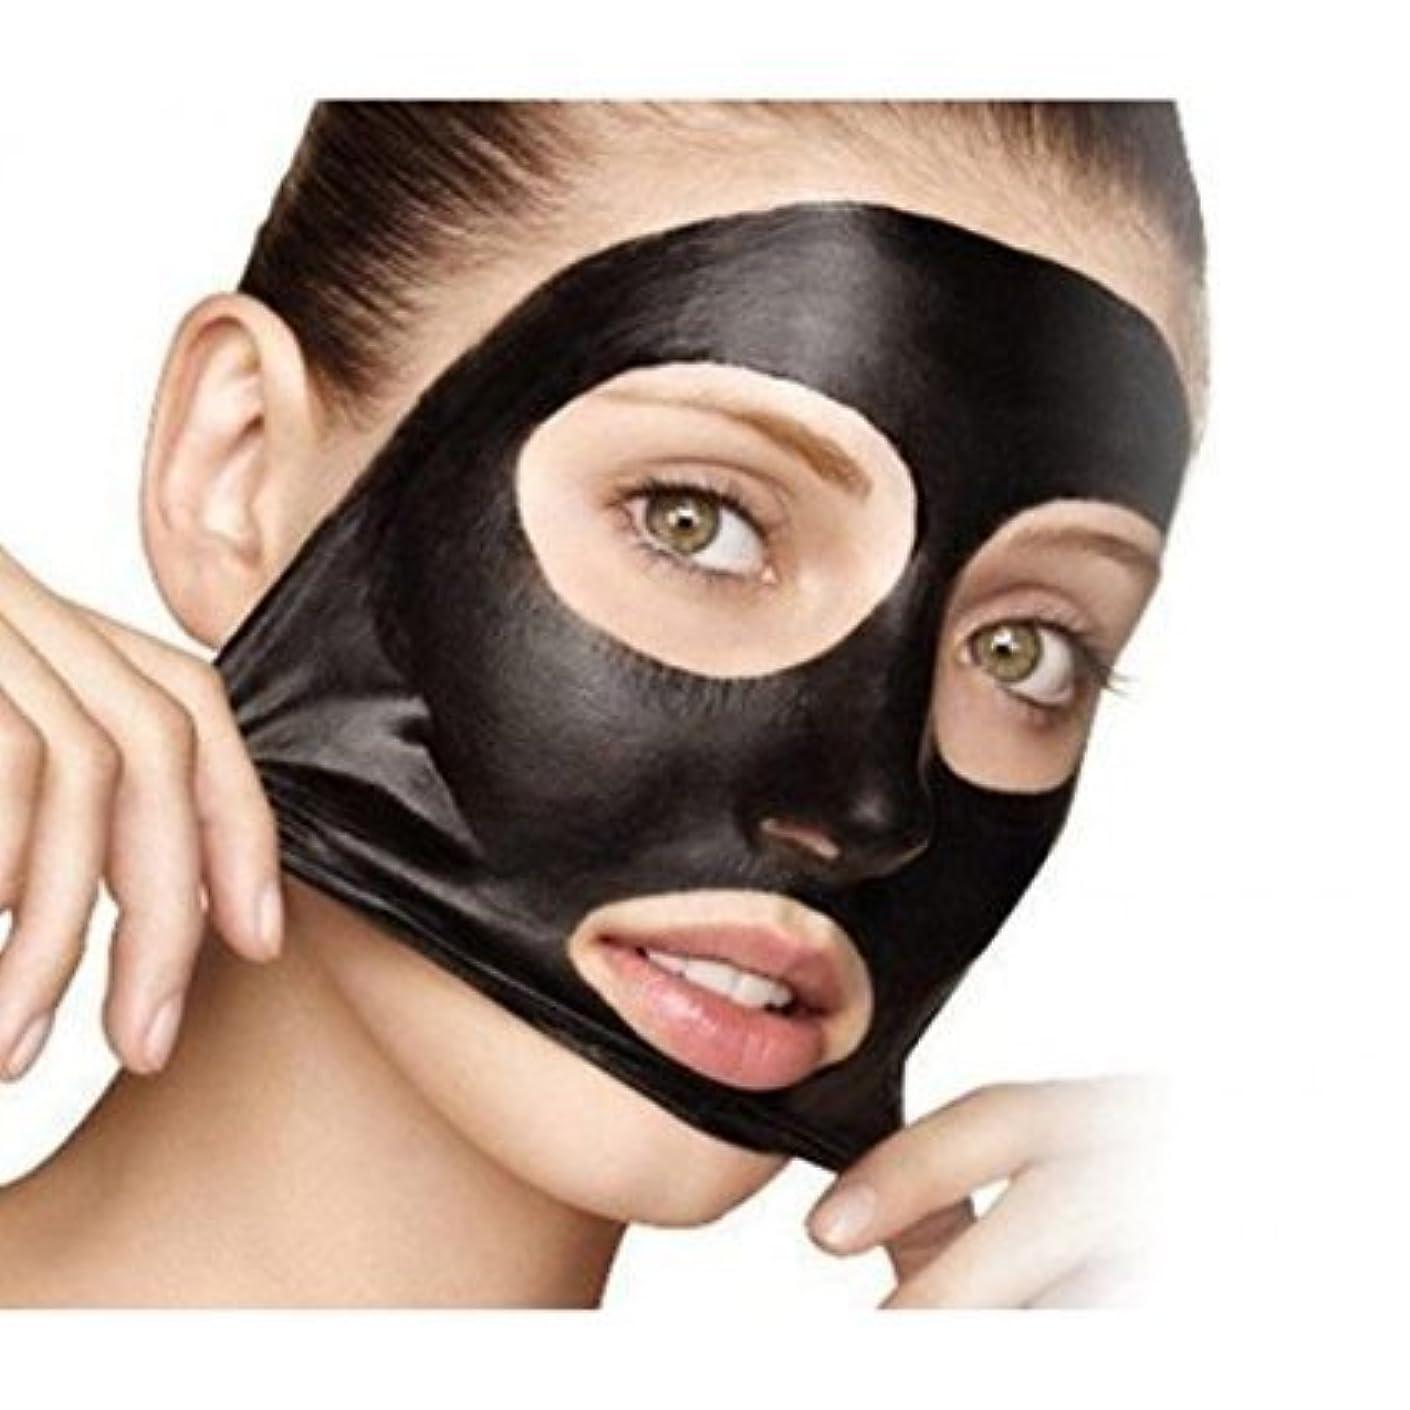 霧アナウンサー達成5×ミネラルマッドノーズポアクレンジングブラックヘッド除去マスク